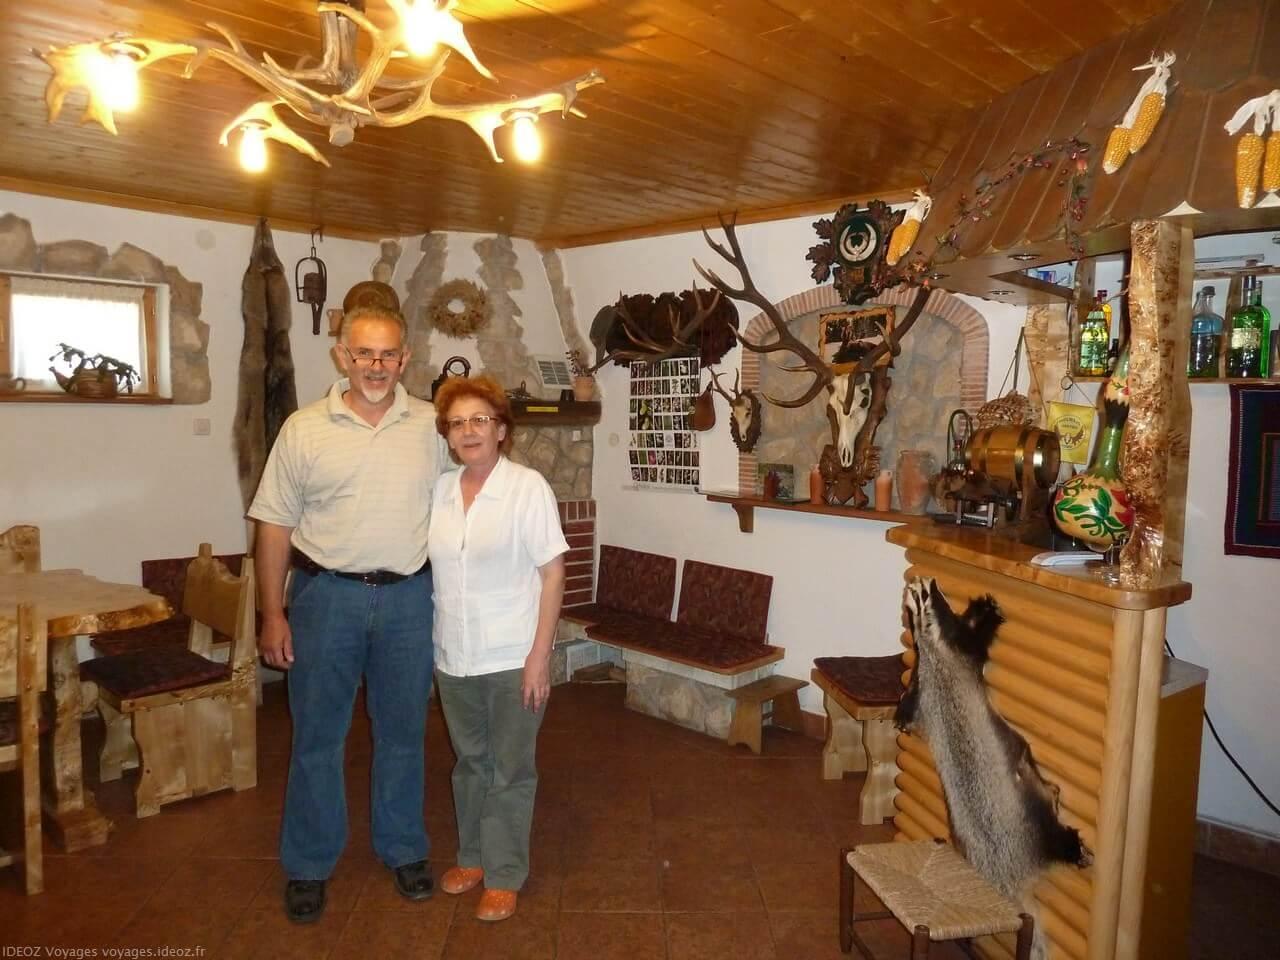 Branko et sonja sokac dans l'auberge de Mrzlin grad